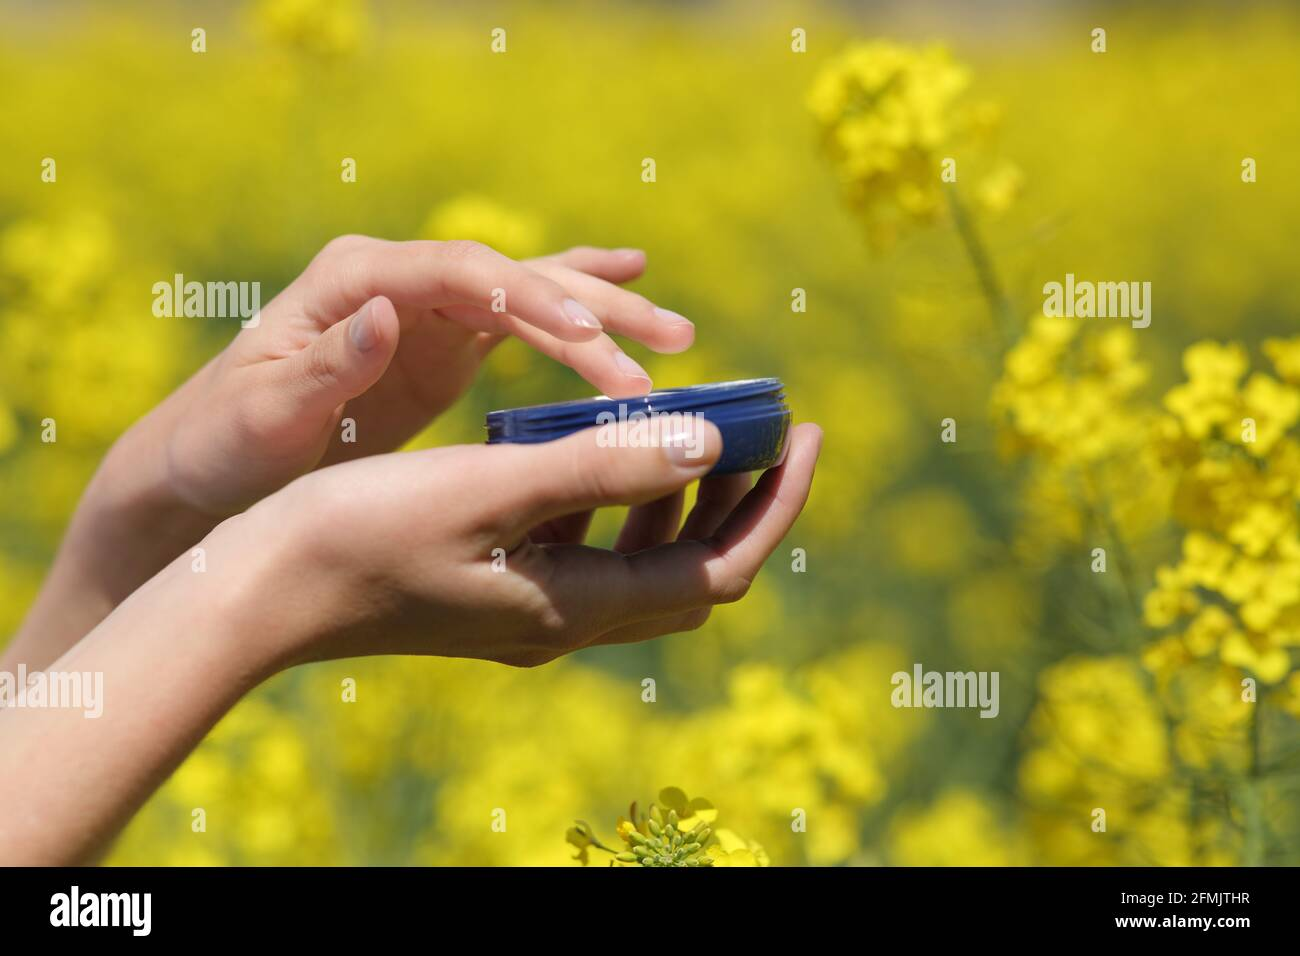 Gros plan d'une main femme tenant un pot hydratant dans un champ jaune au printemps Banque D'Images